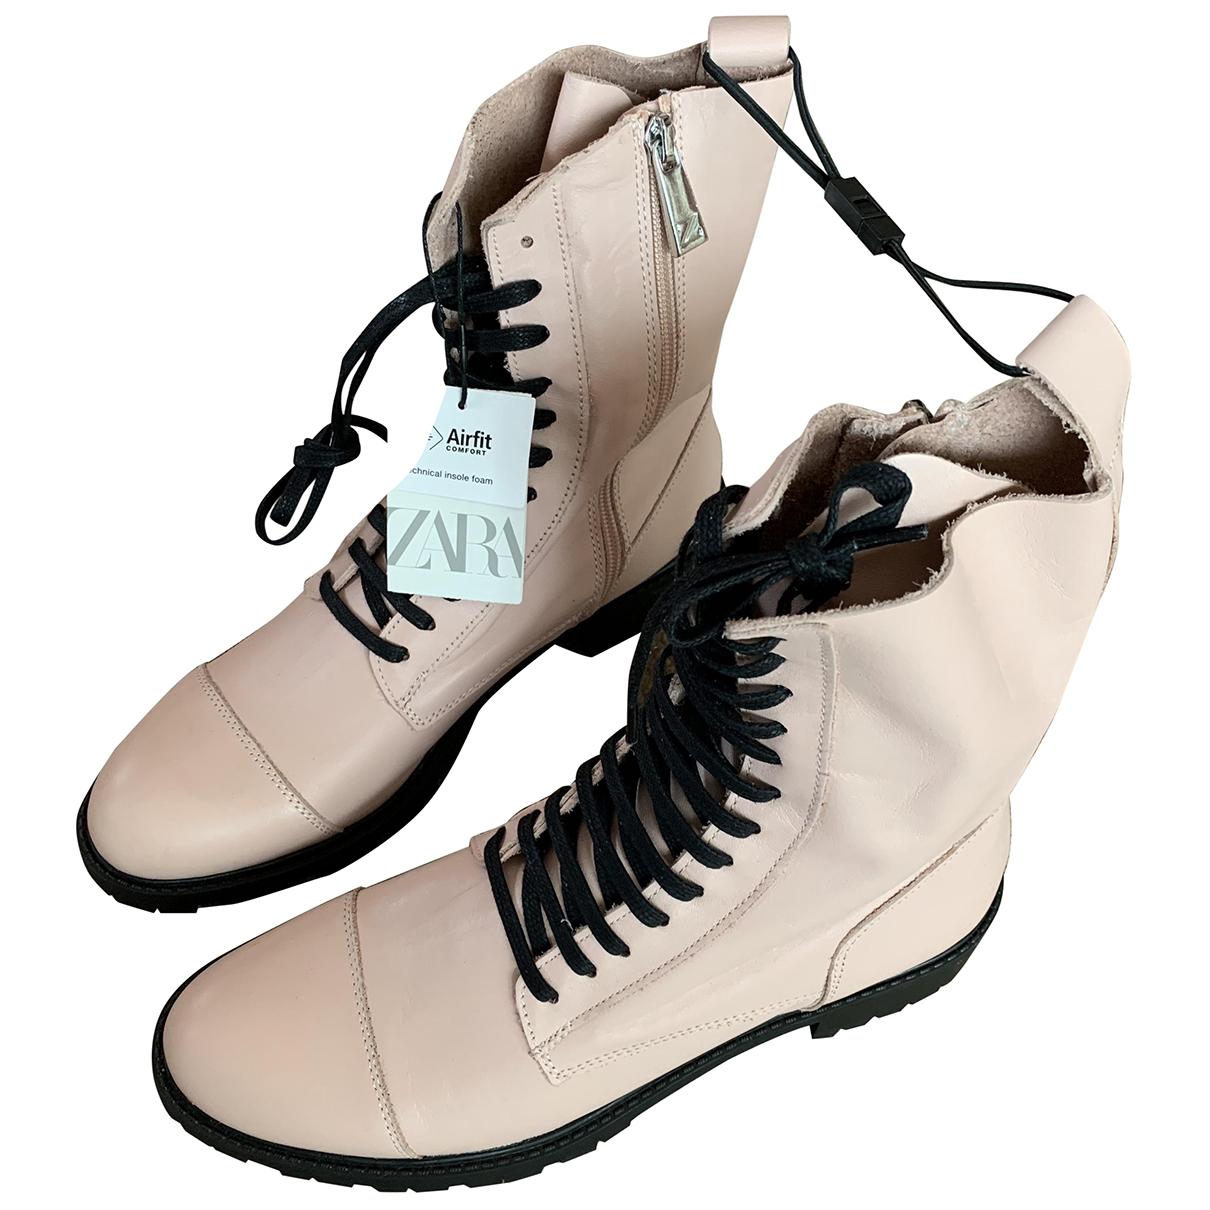 Zara - Bottes   pour femme en cuir - rose